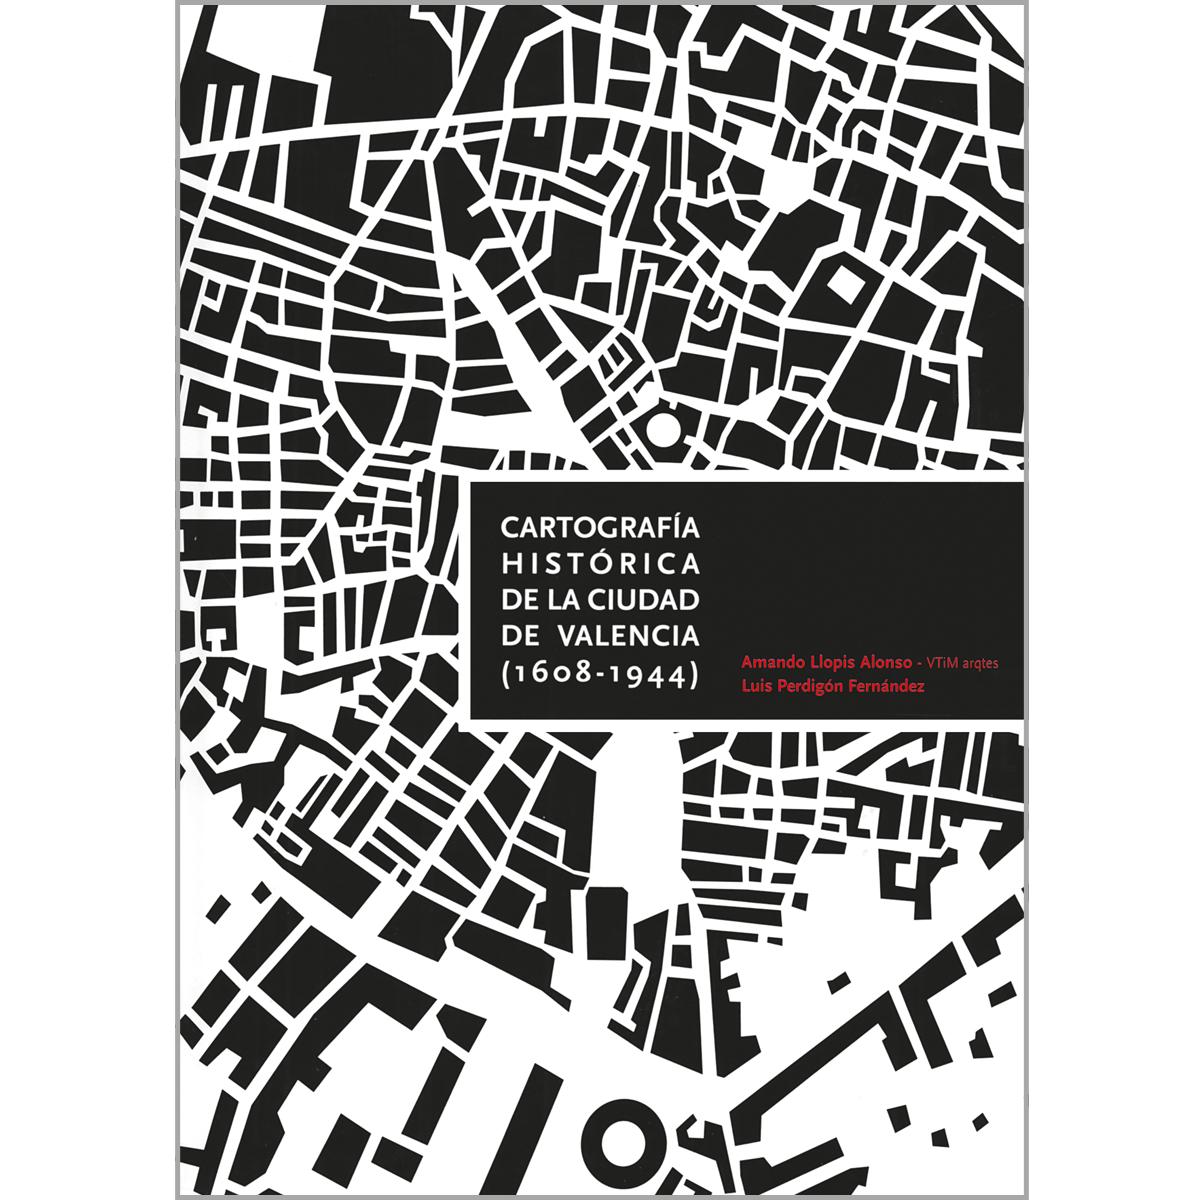 Cartografía histórica de Valencia